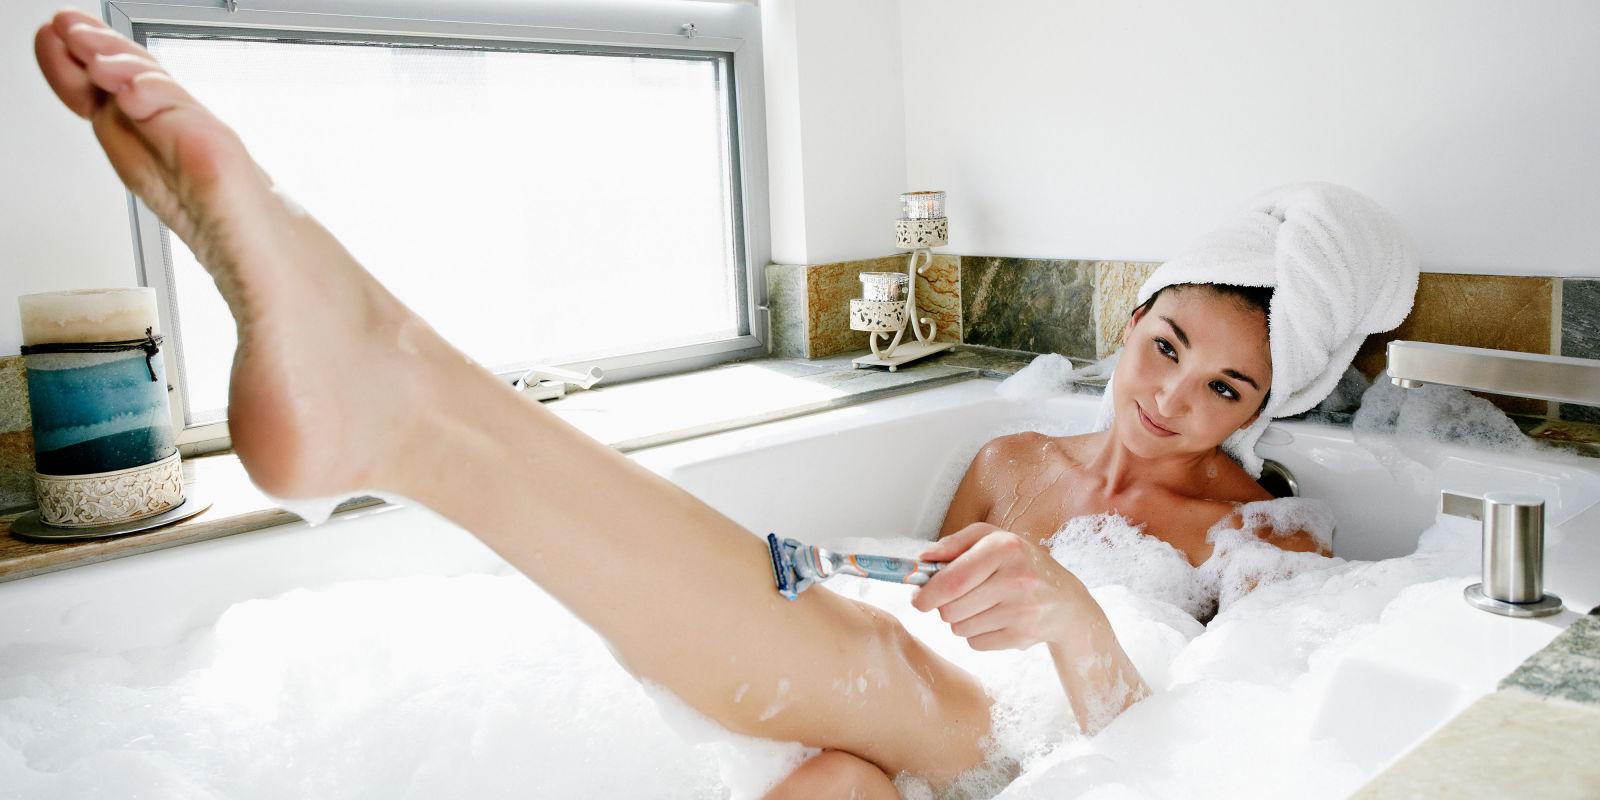 Девушка бреет письку порно смотреть онлайн видео